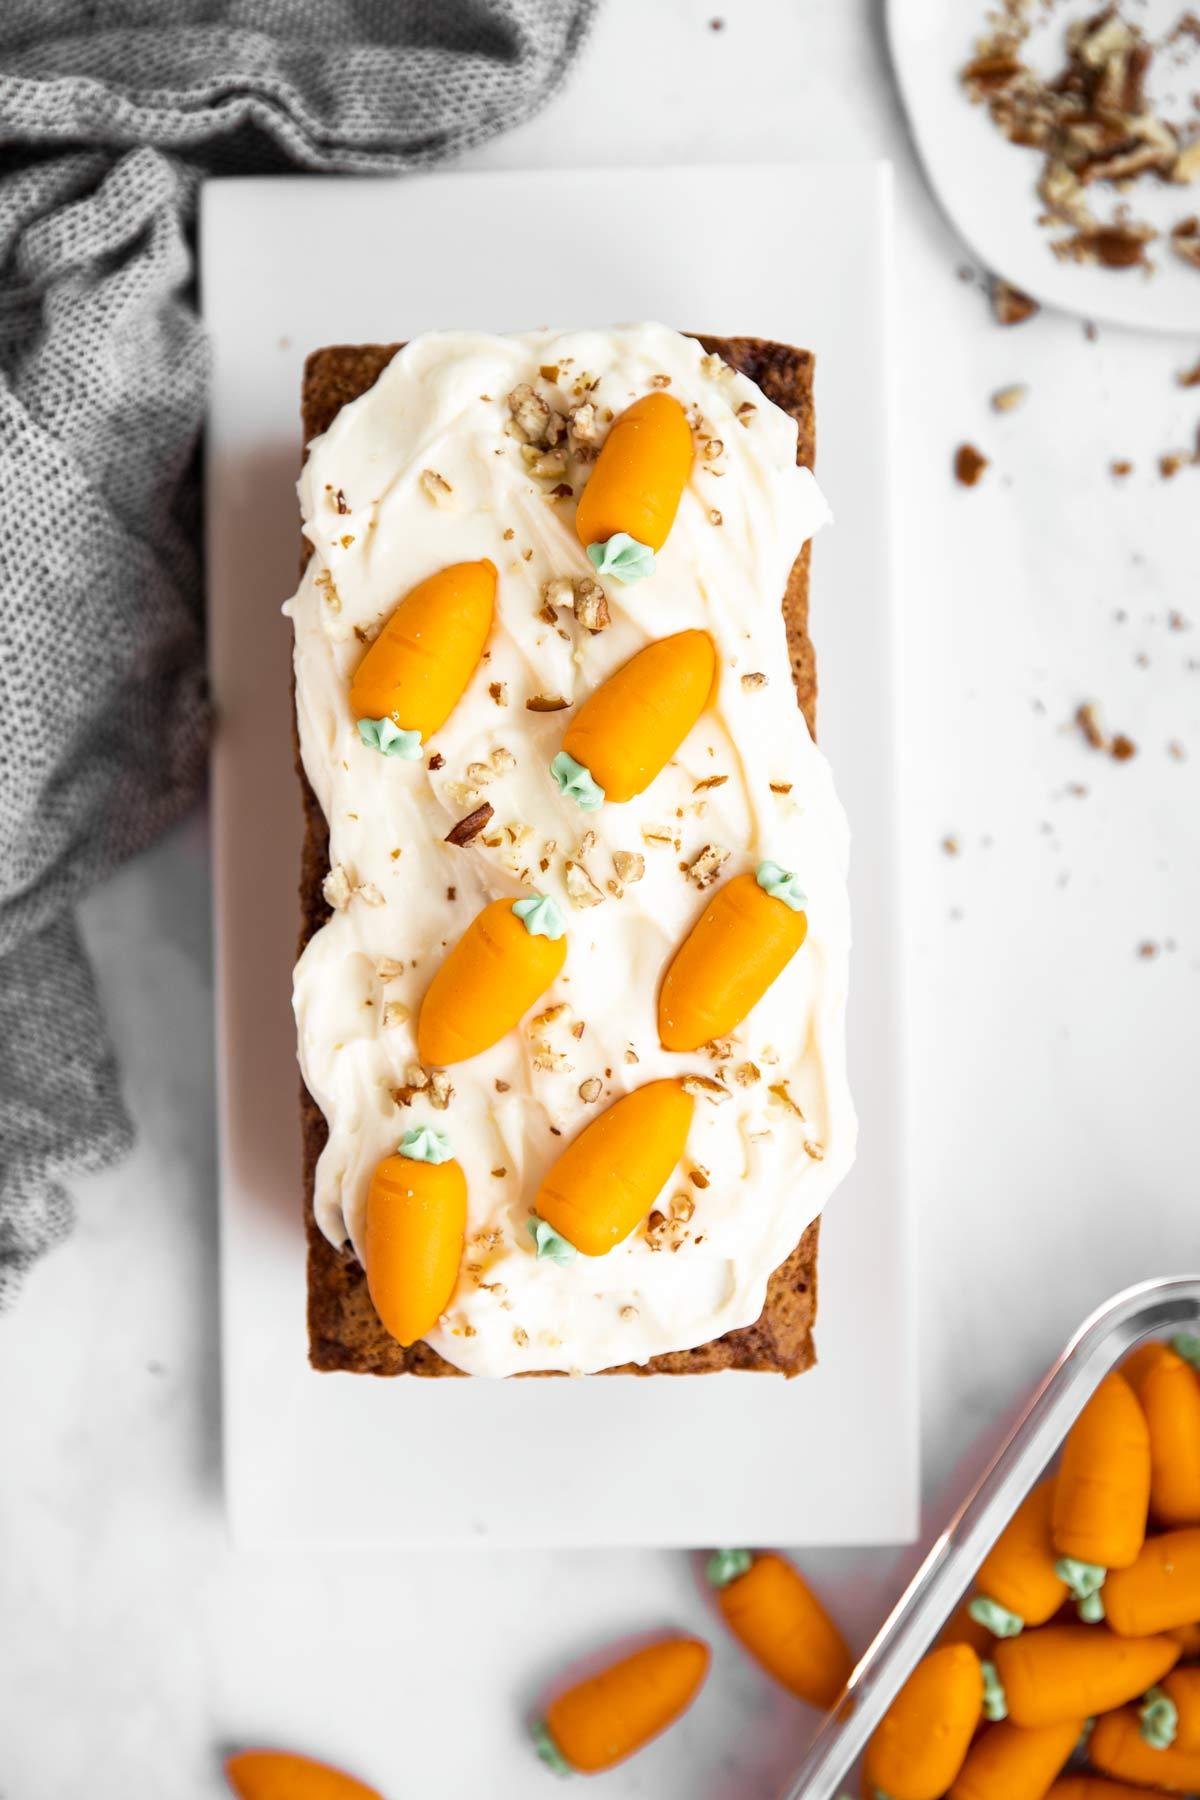 dekorierter Karottenkuchen von Oben